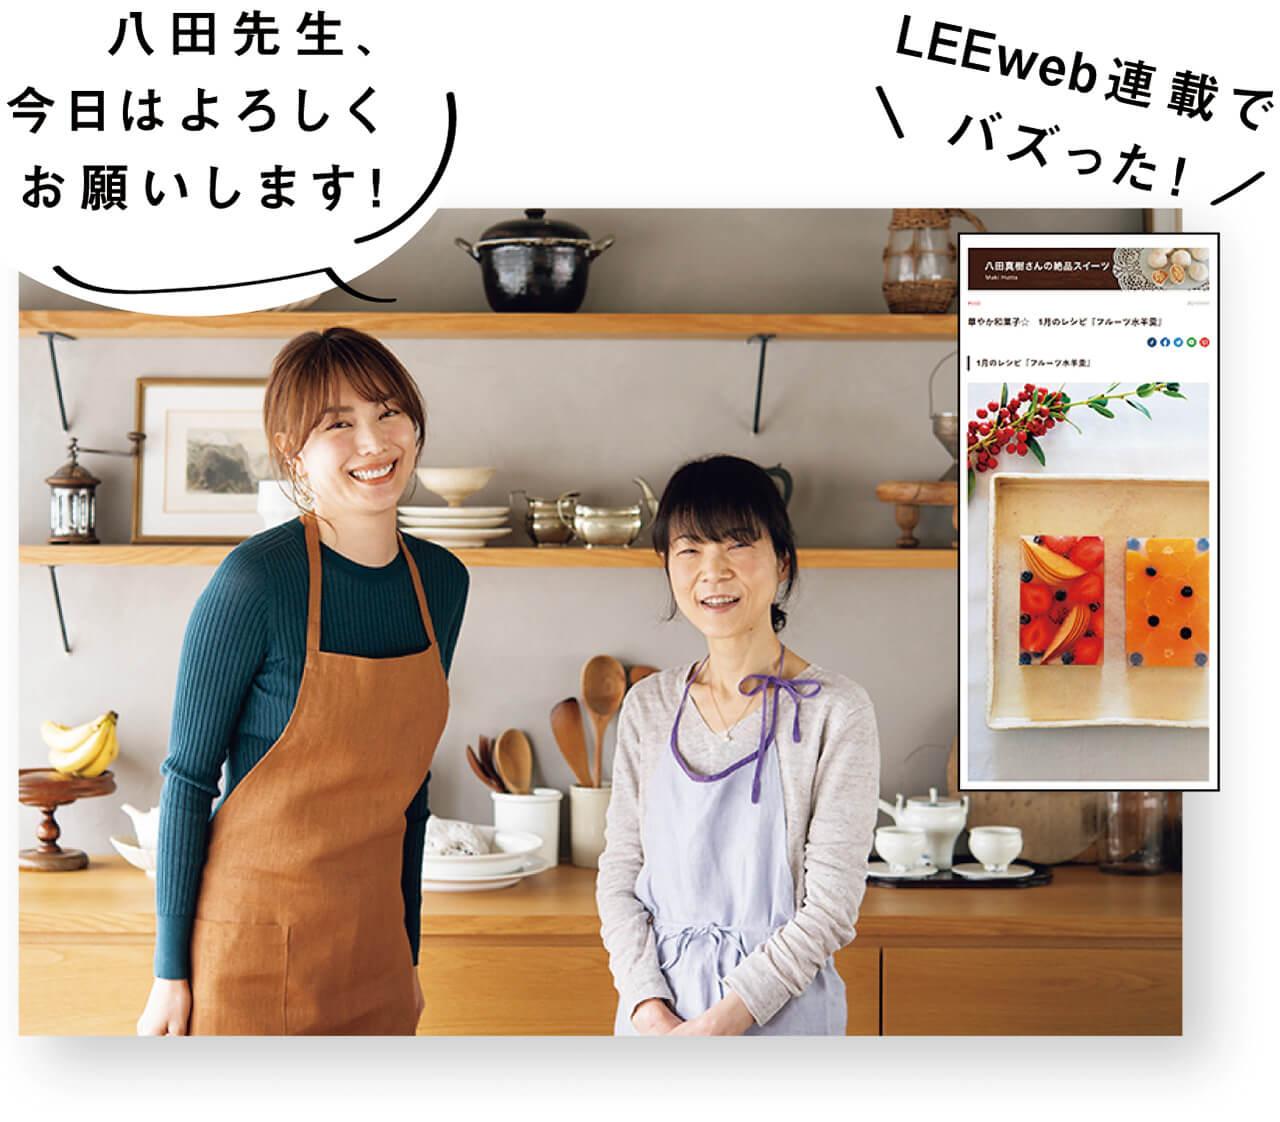 八田先生、今日はよろしくお願いします! (右)Maki Hatta (左)Yuri Ebihara LEEweb連載でバズった!